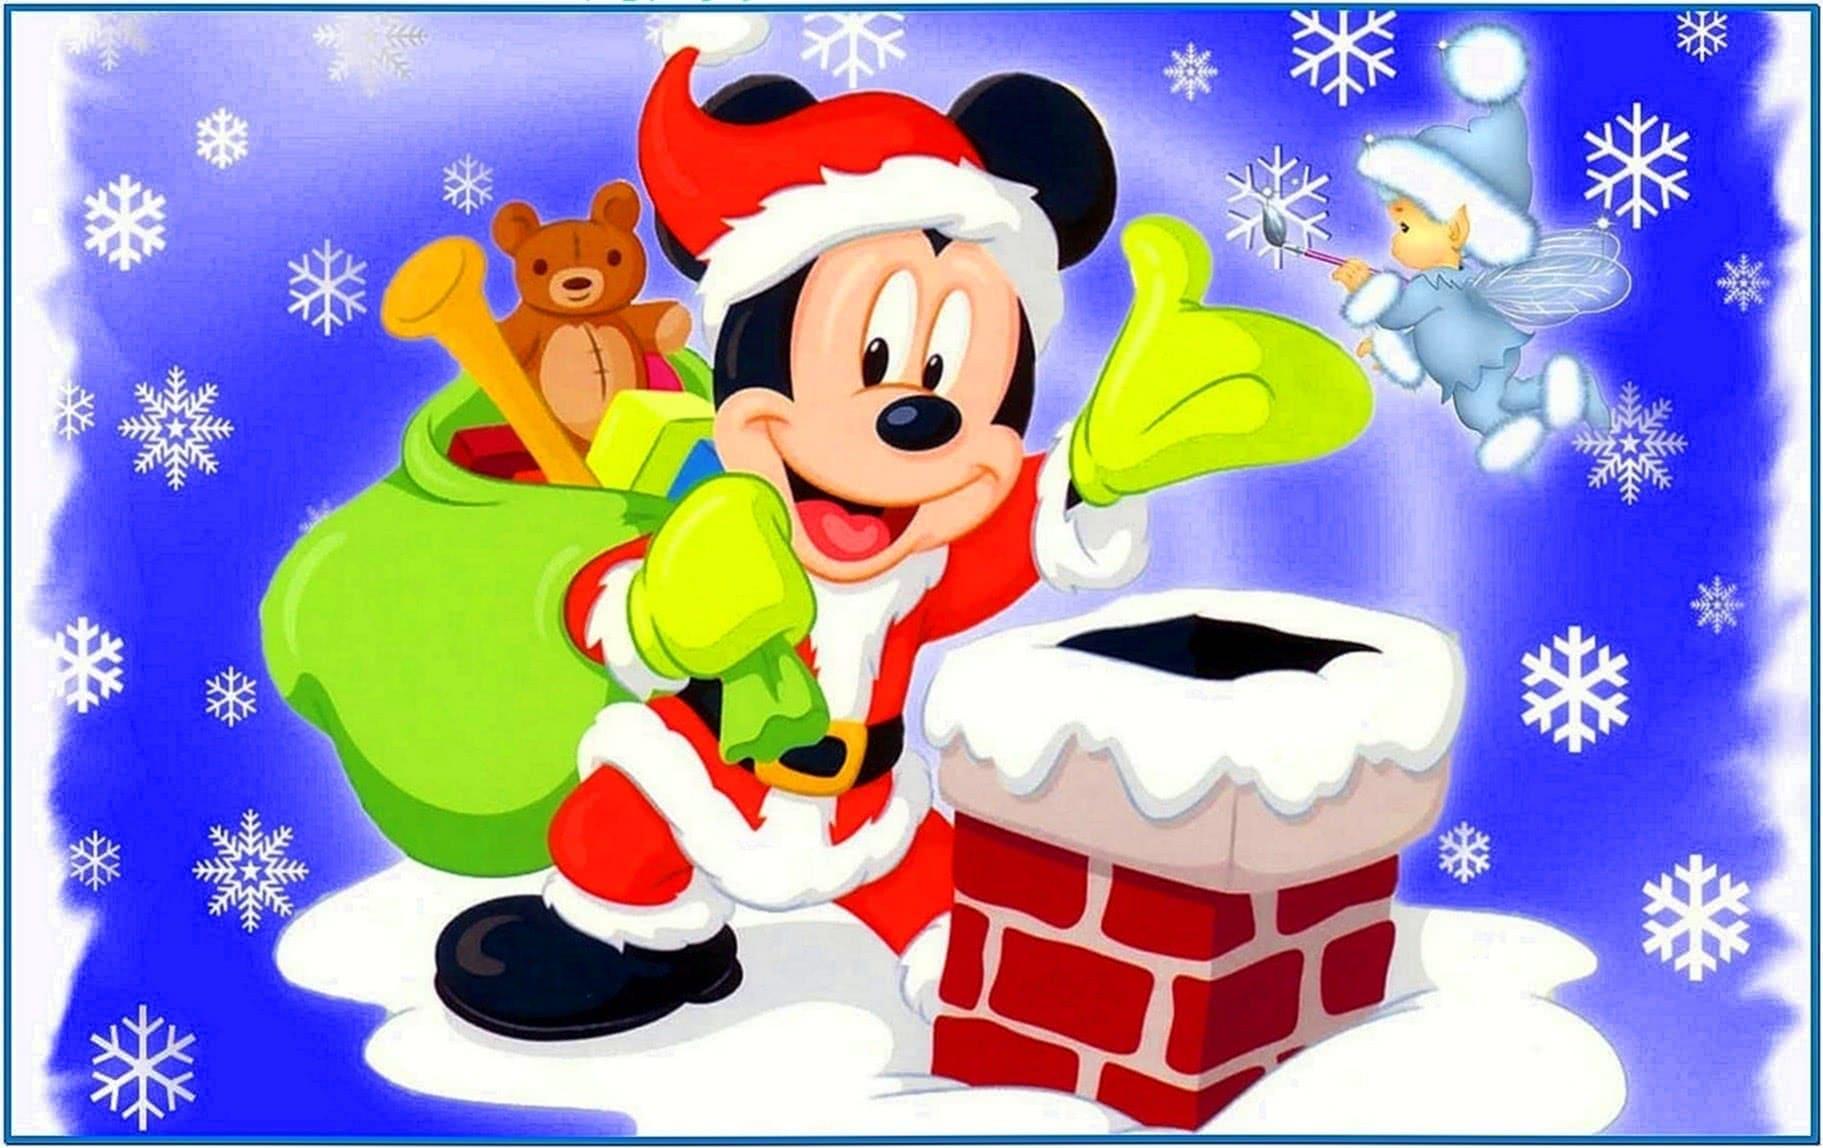 Disney Christmas Screensaver